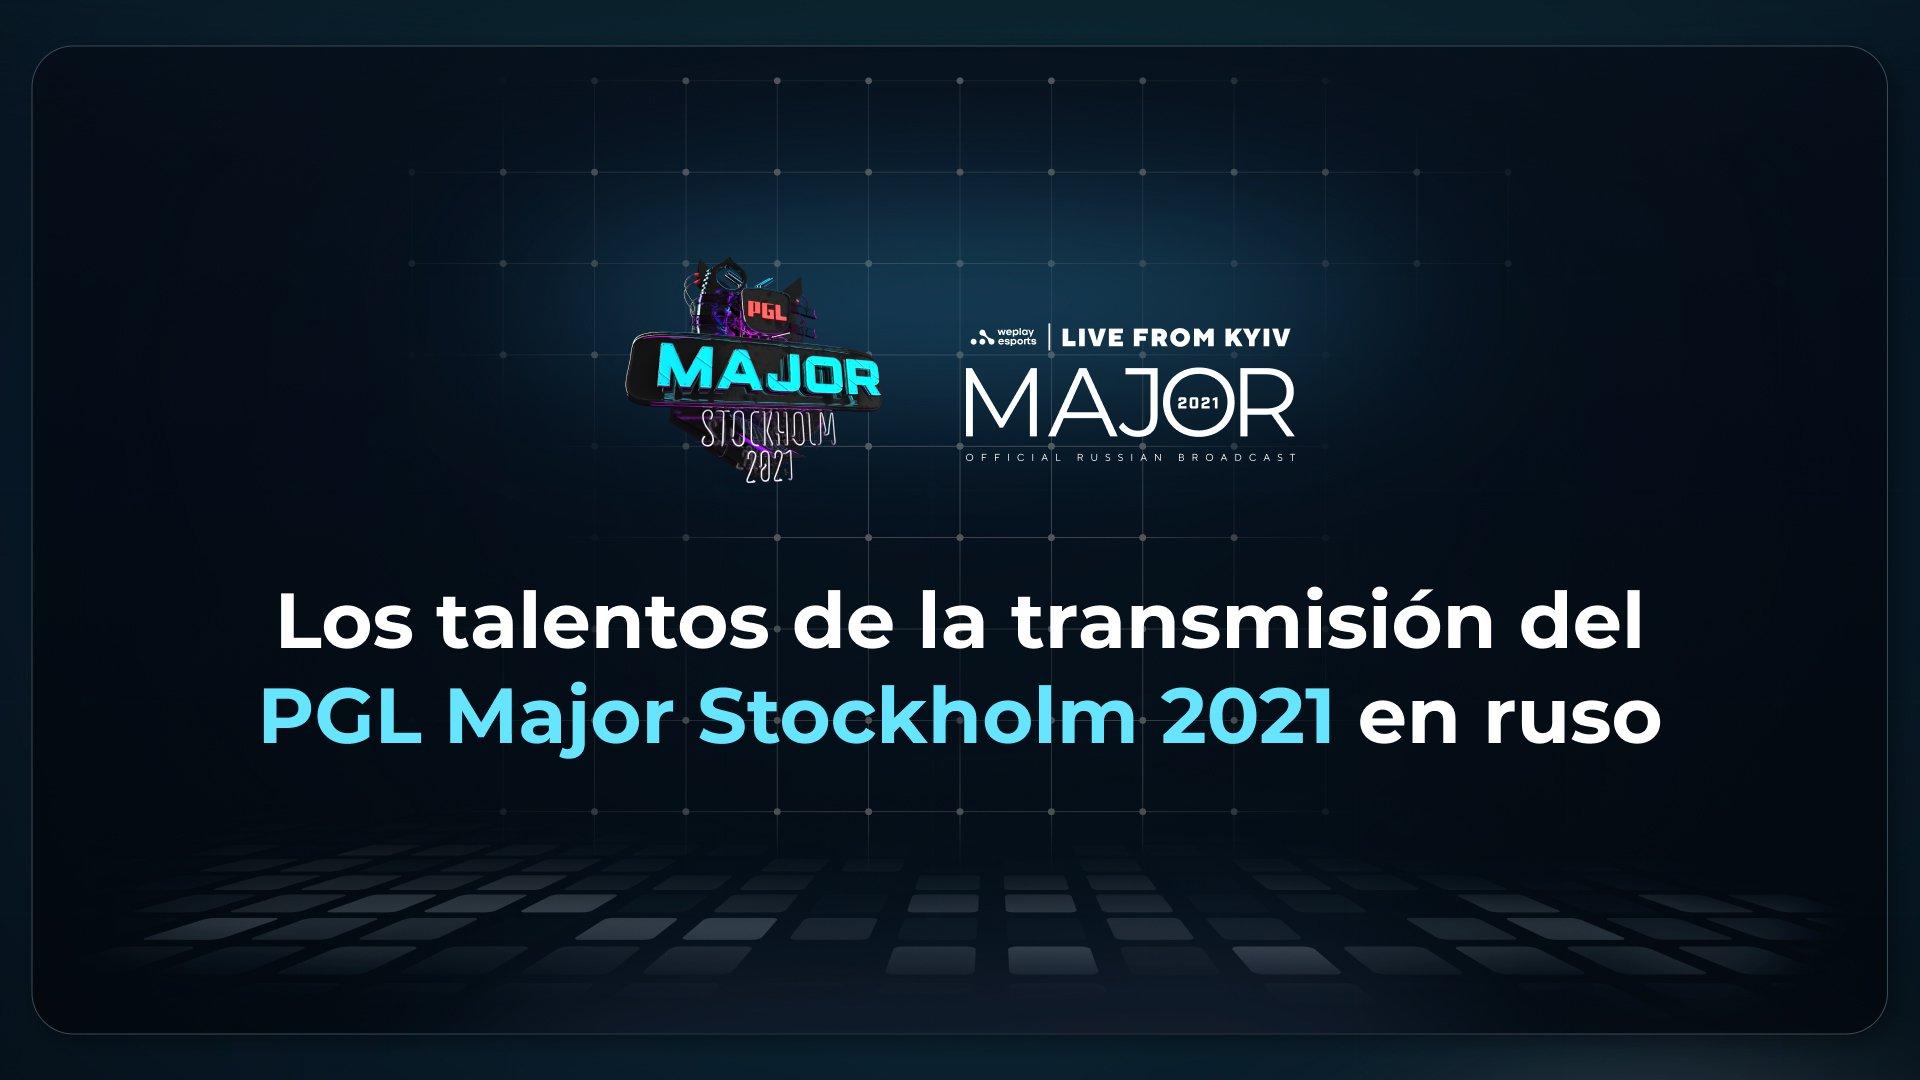 Se anuncian los talentos de la transmisión del PGL Major Stockholm 2021 en ruso. Imagen: WePlay Holding